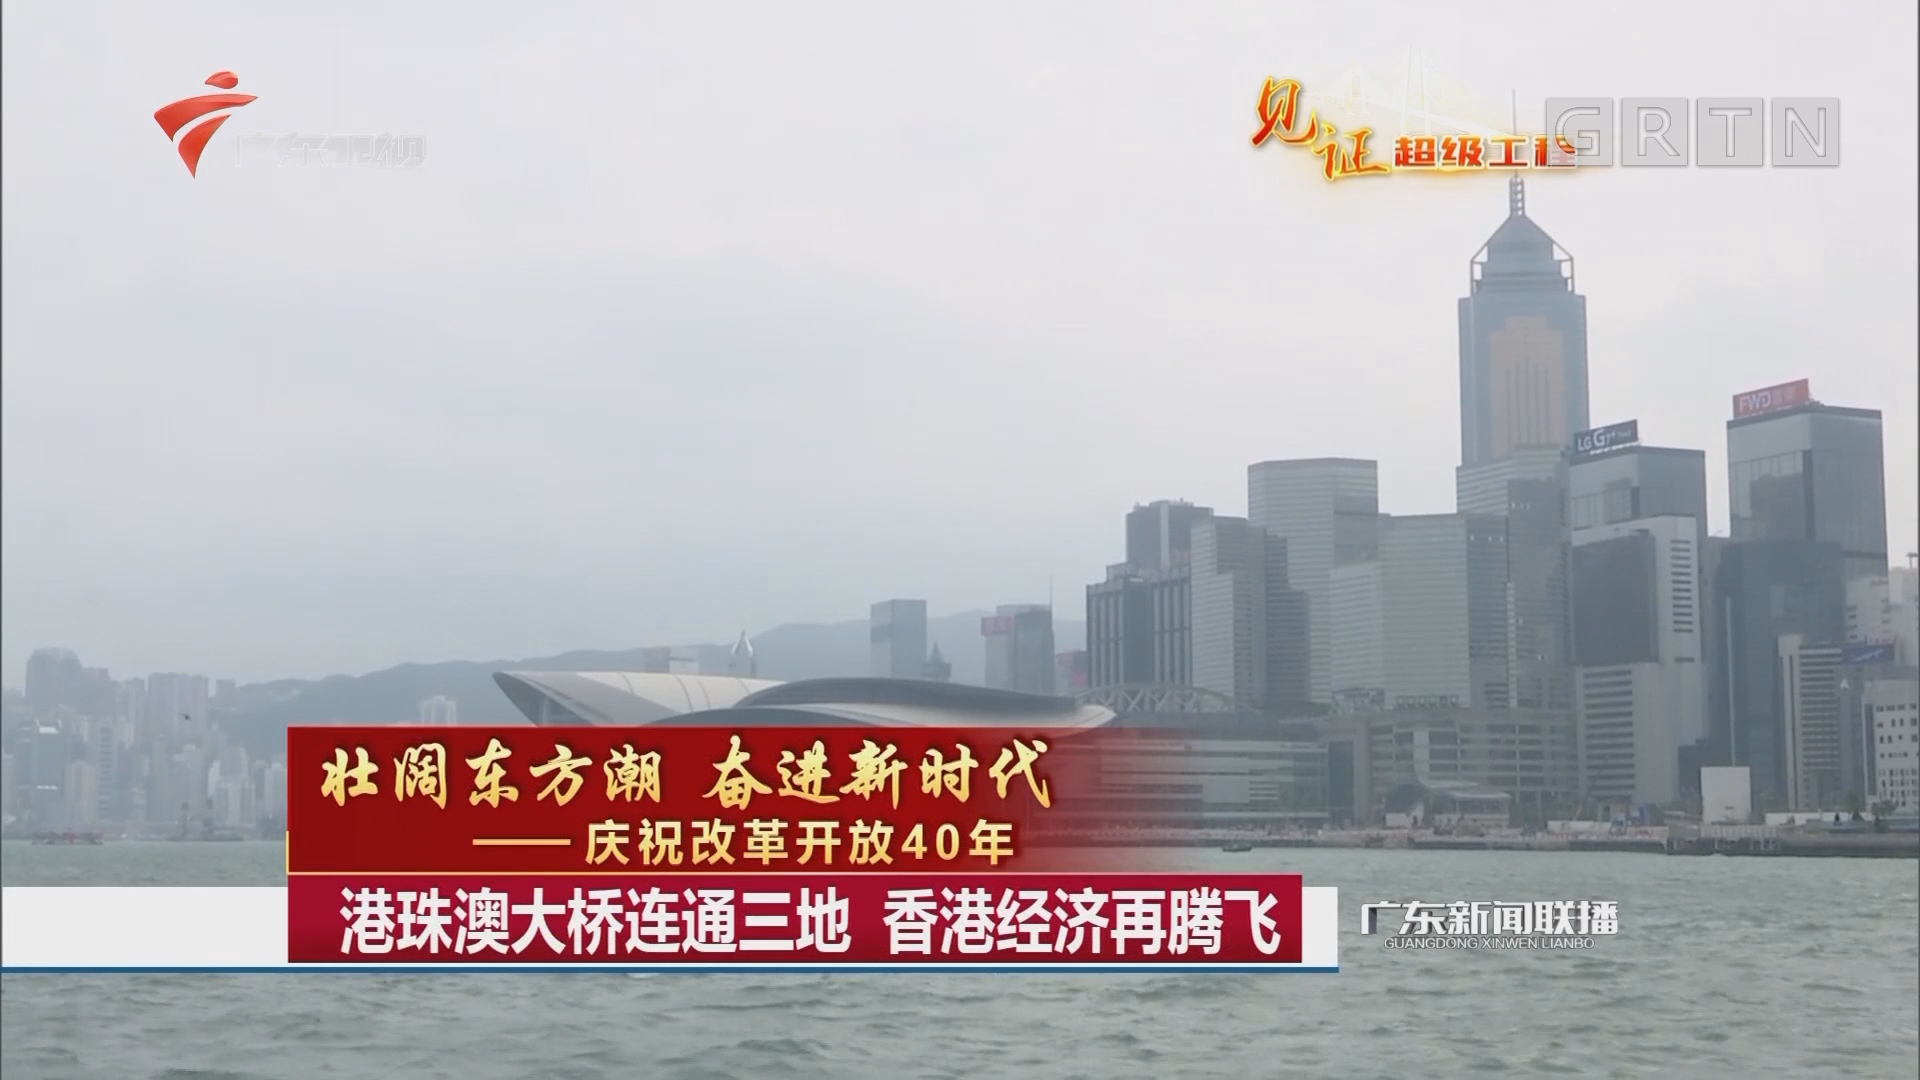 港珠澳大桥连通三地 香港经济再腾飞